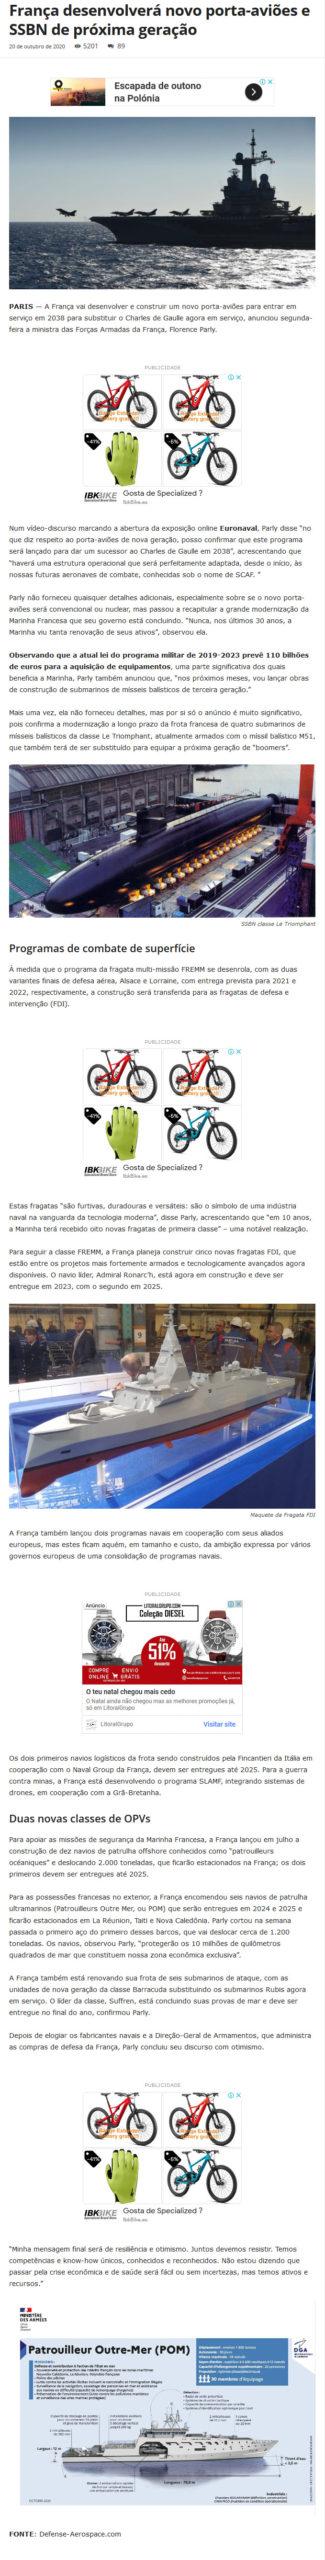 Screenshot_2020-11-14 França desenvolverá novo porta-aviões e SSBN de próxima geração - Poder Naval - A informação naval co[...].jpg